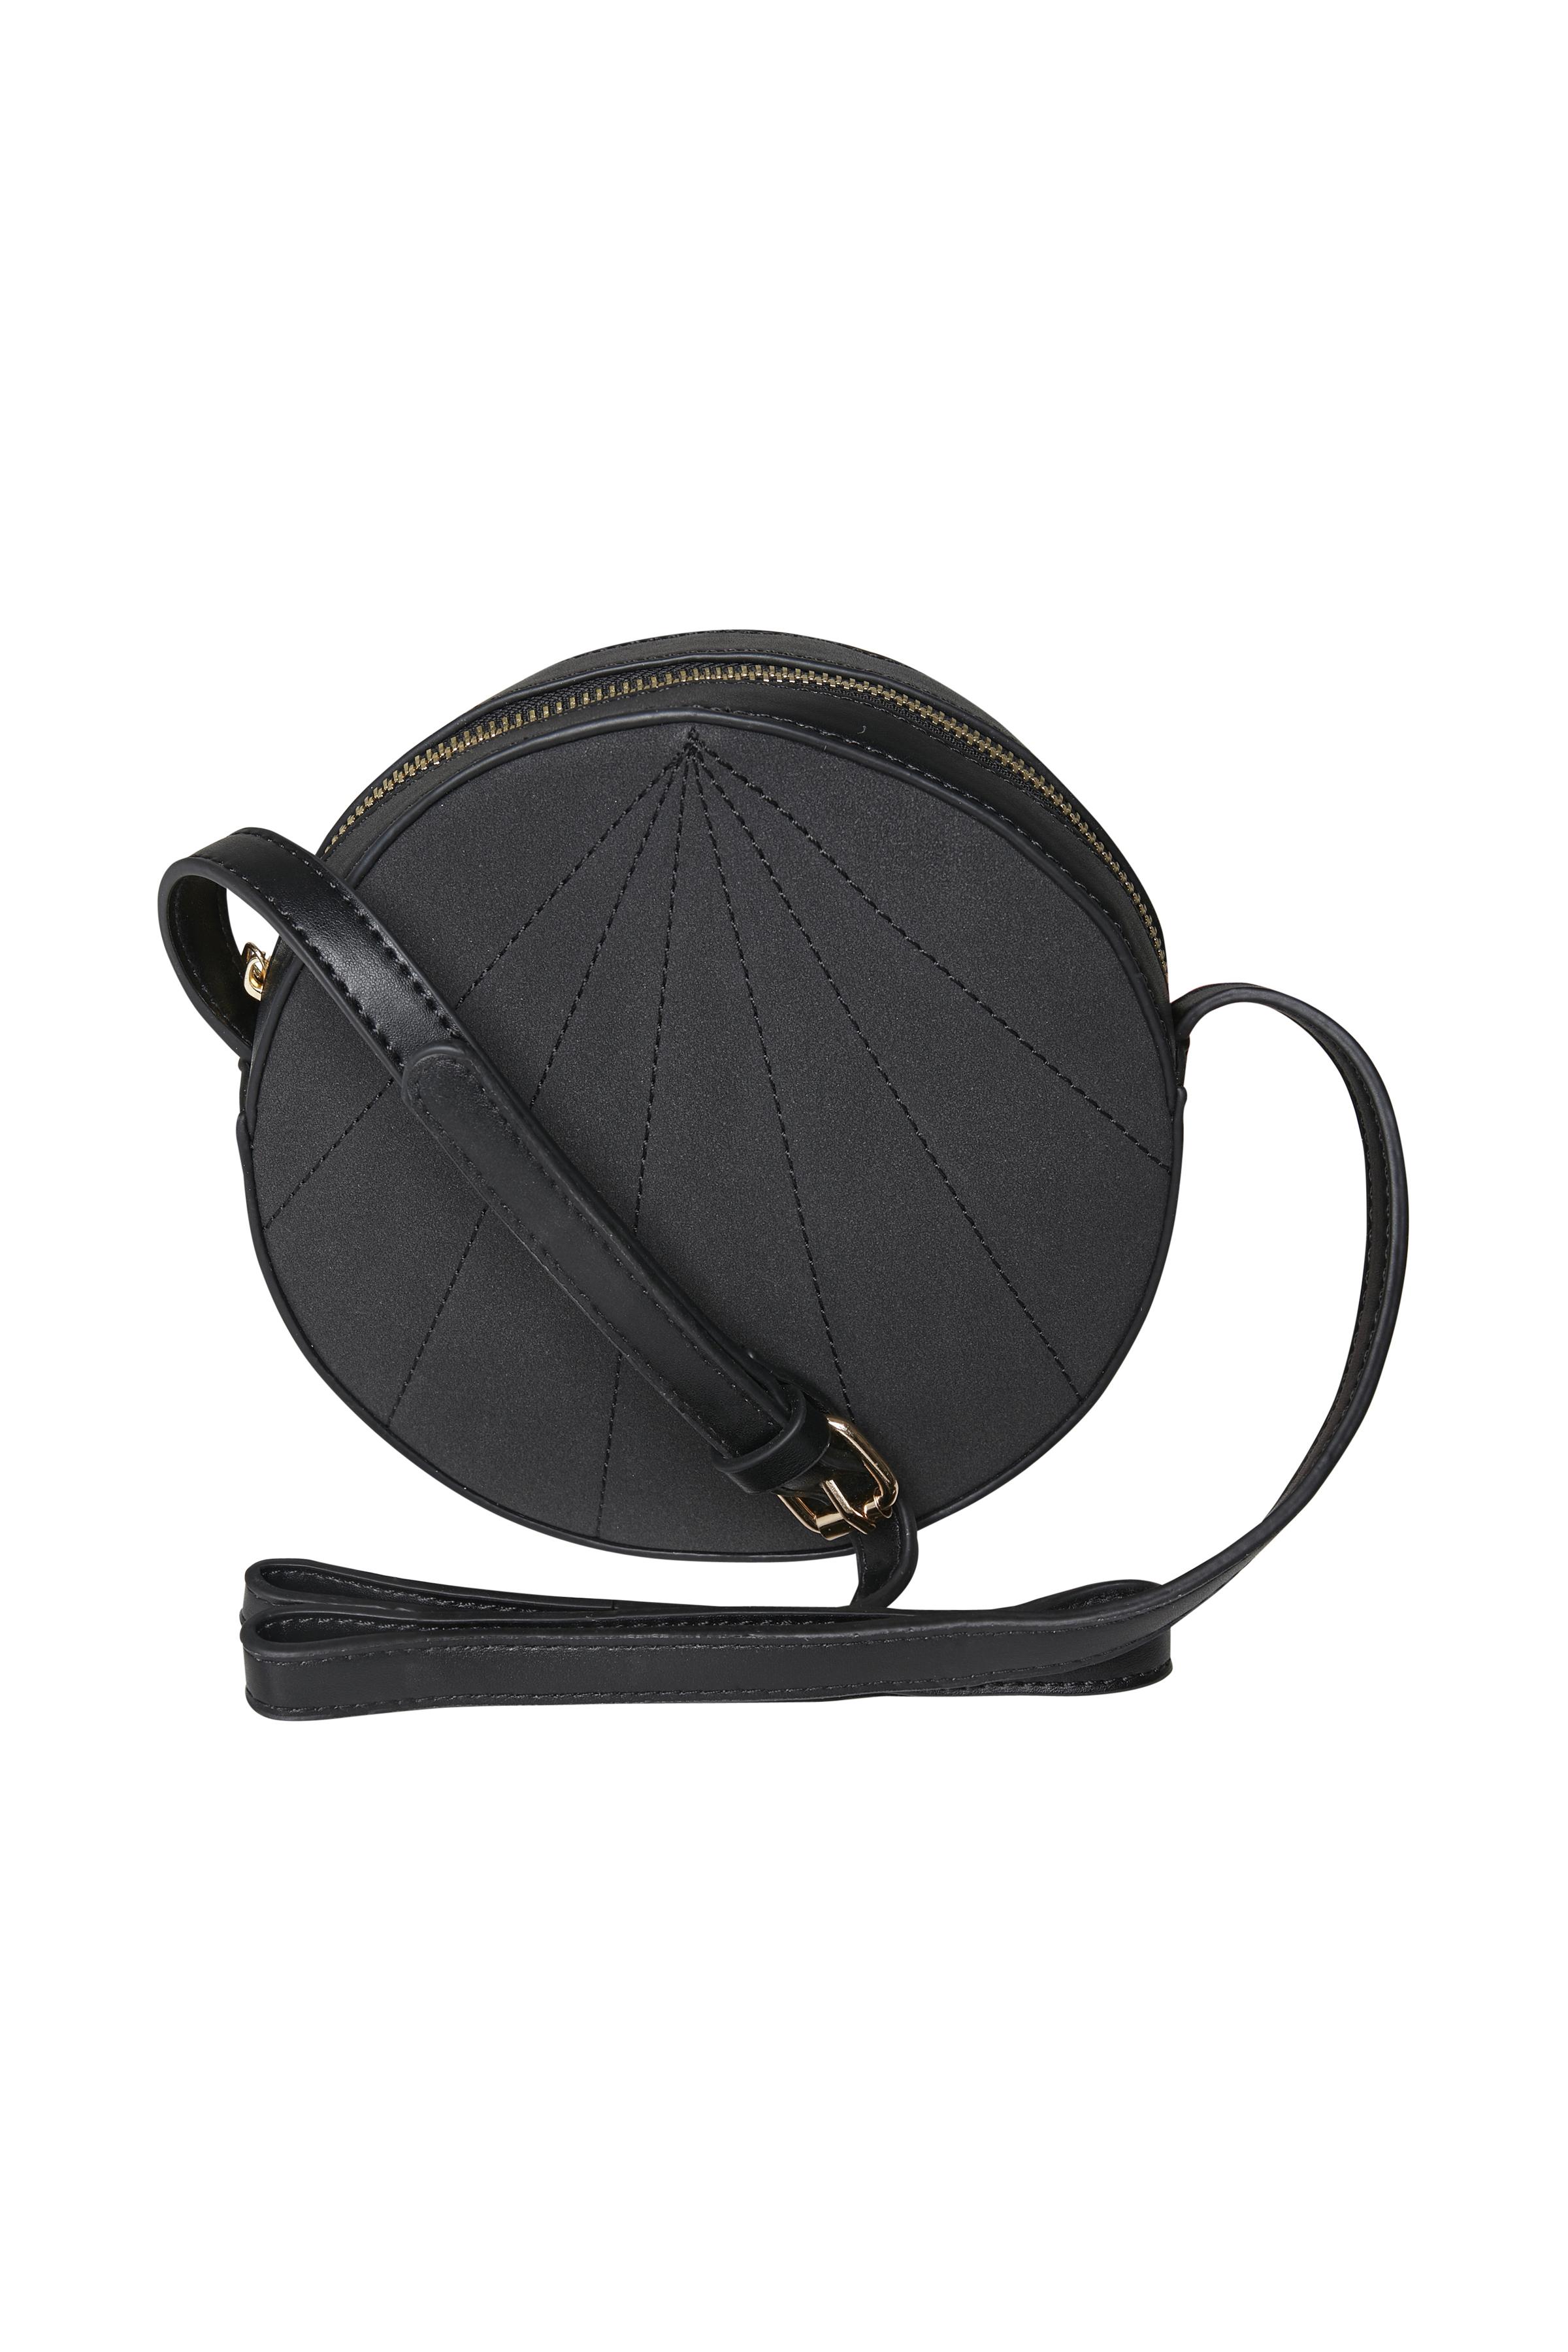 Svart Väska från Ichi - accessories – Köp Svart Väska från stl. ONE här